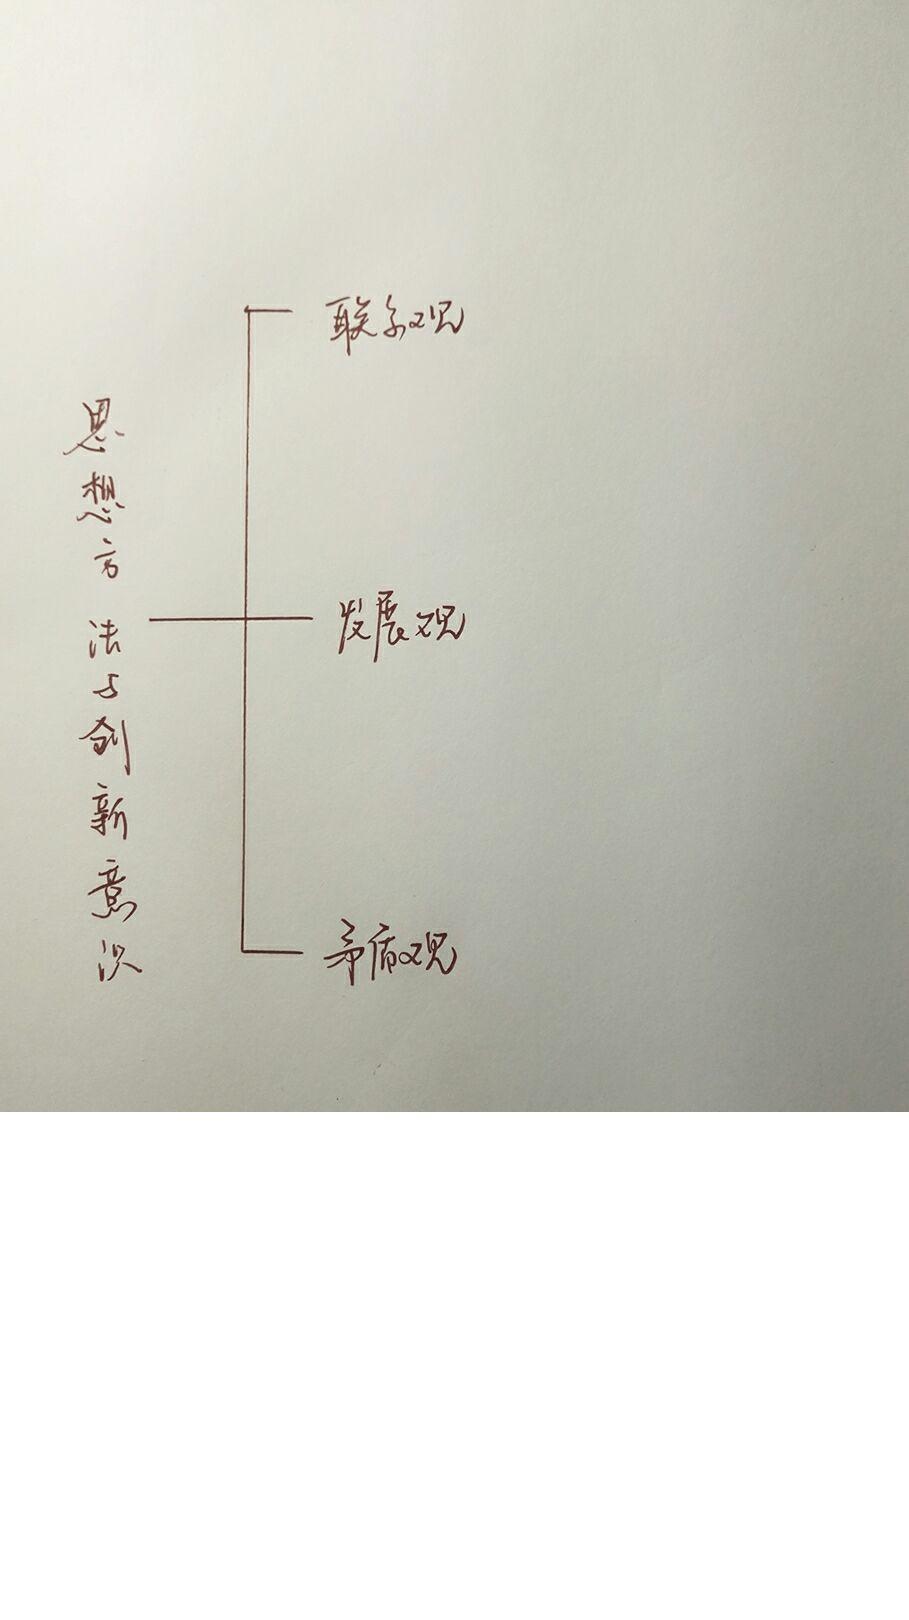 学好地址高中?-金卓灵的回答-知乎政治三高中武汉图片